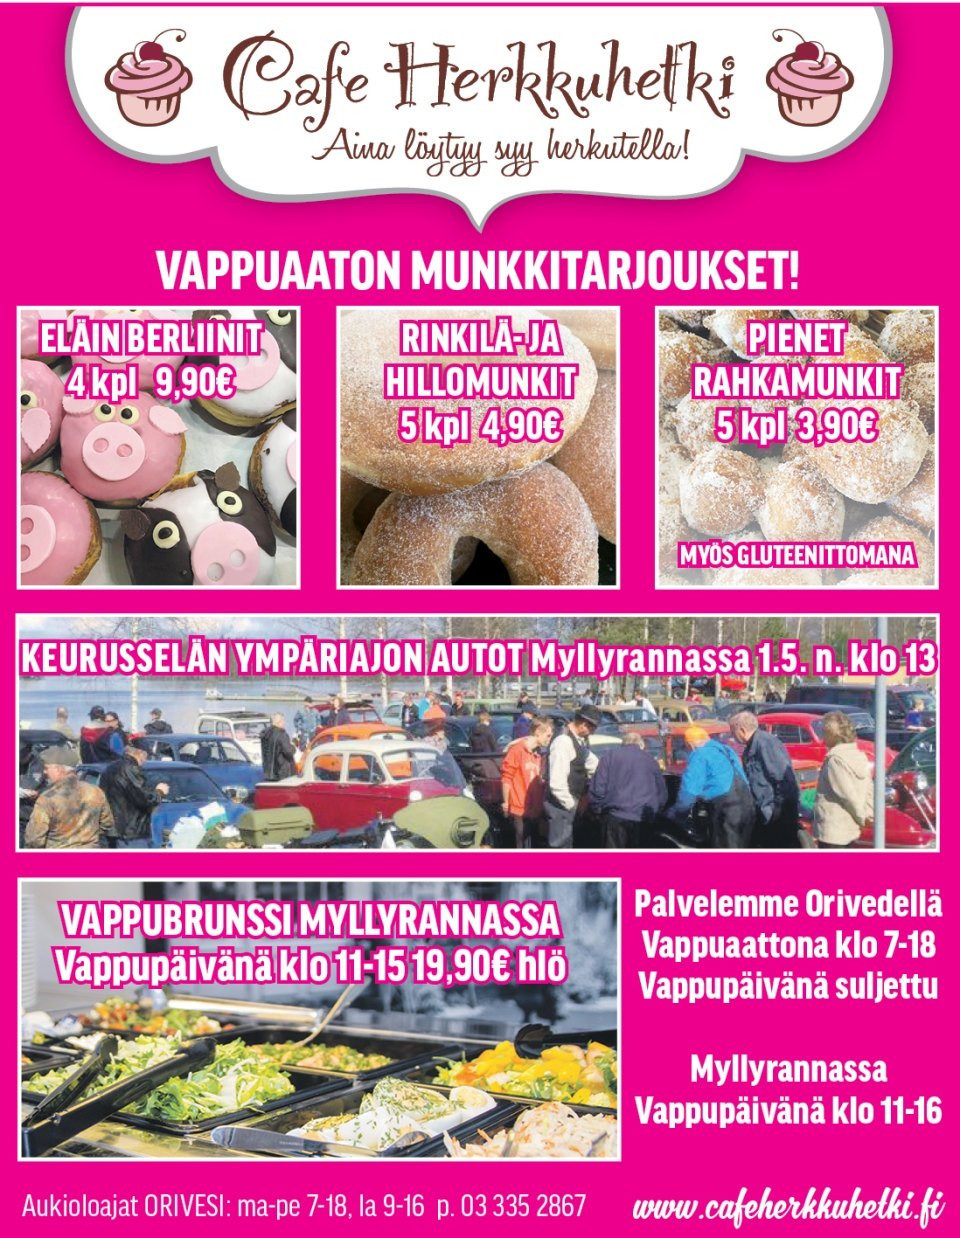 herkkuhetki_2x120_paikkakuntalainen_vappu2019